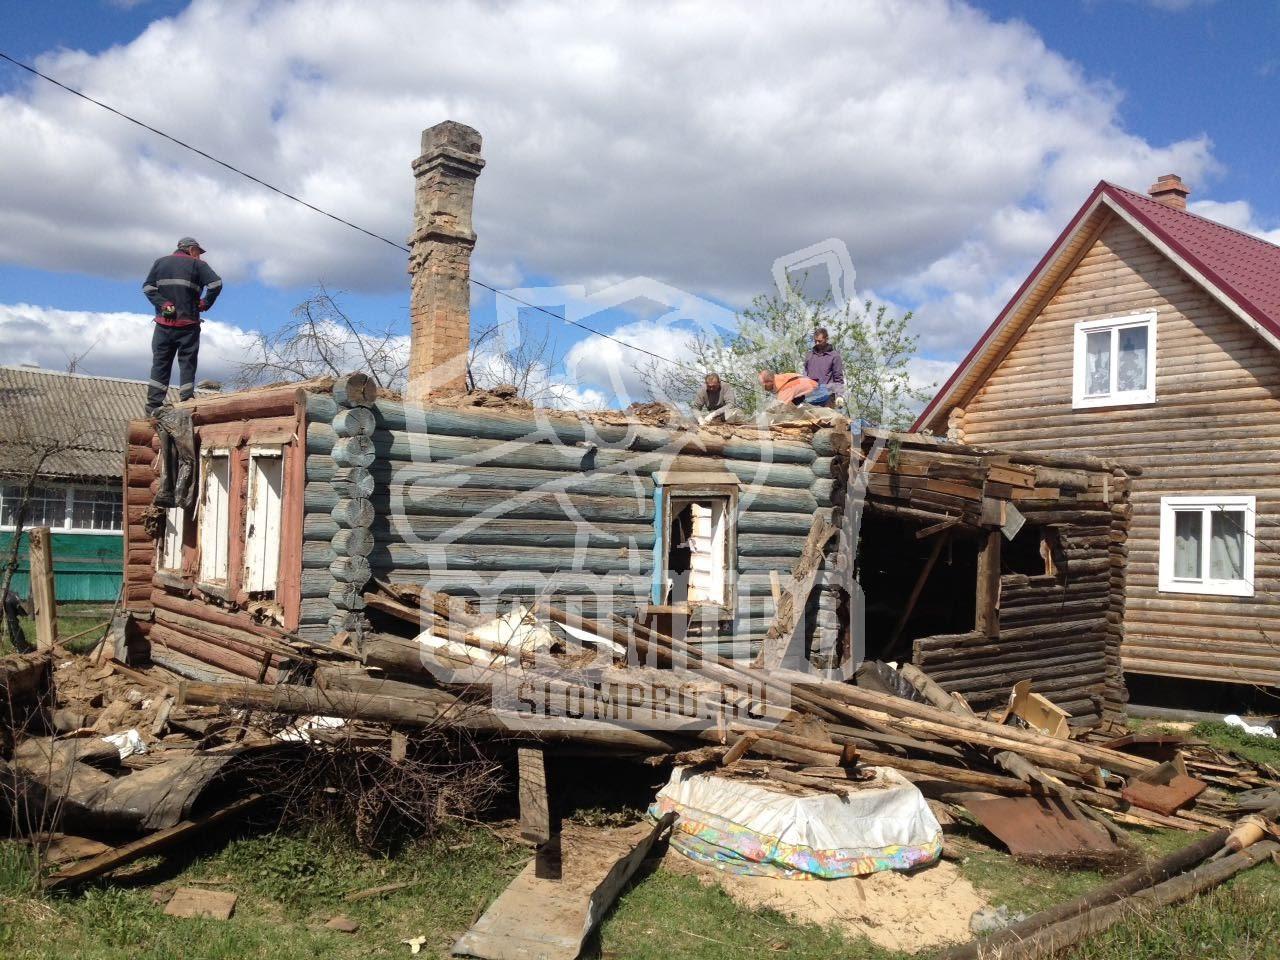 Слом бревенчатого дома, процесс подготовки к демонтажу первого этажа